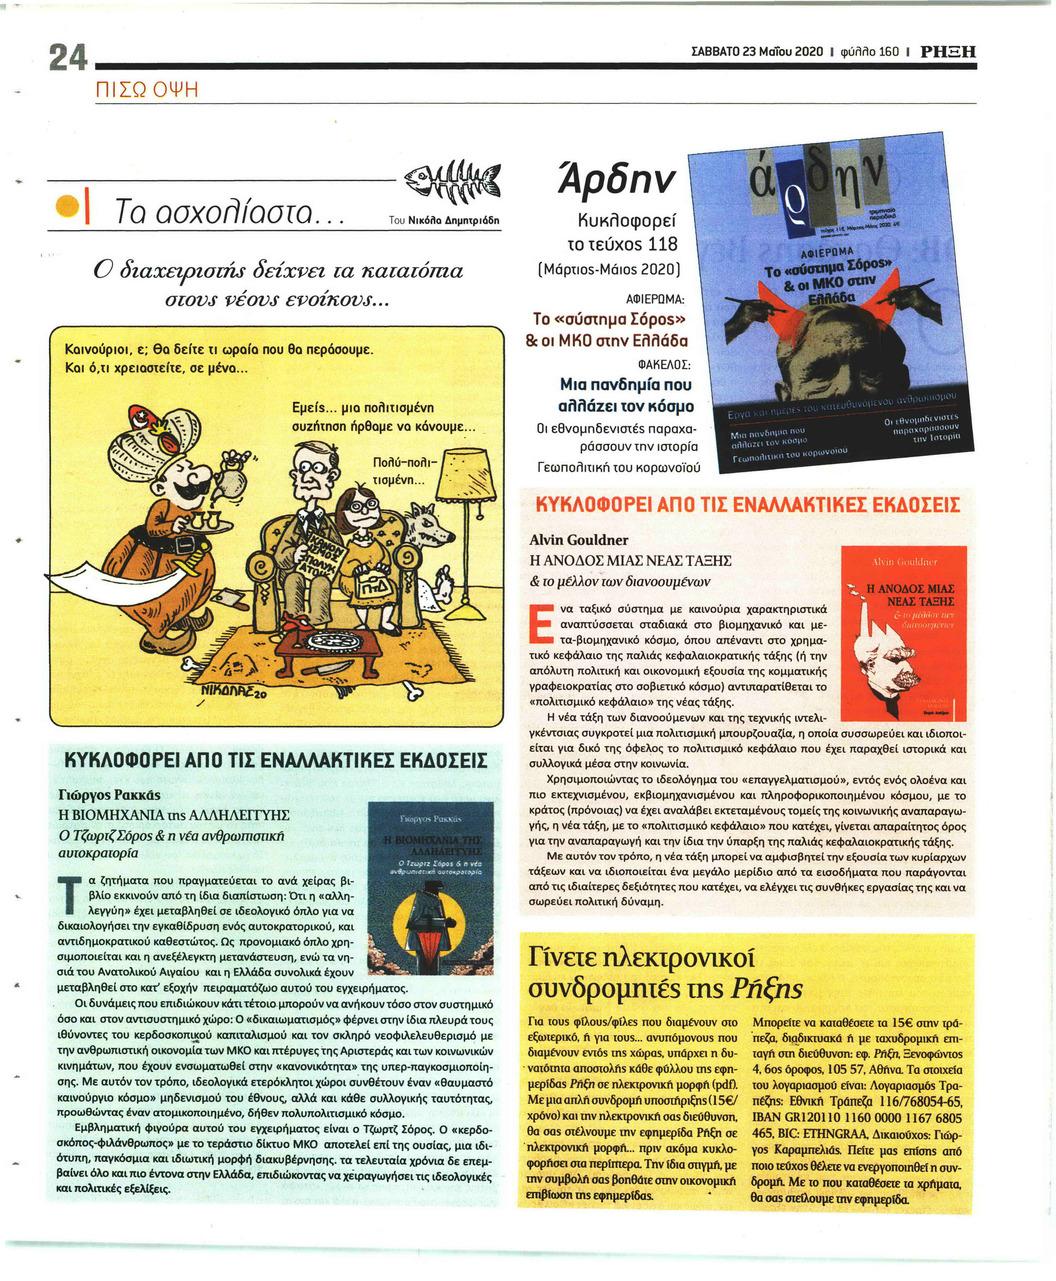 Οπισθόφυλλο εφημερίδας Ρήξη